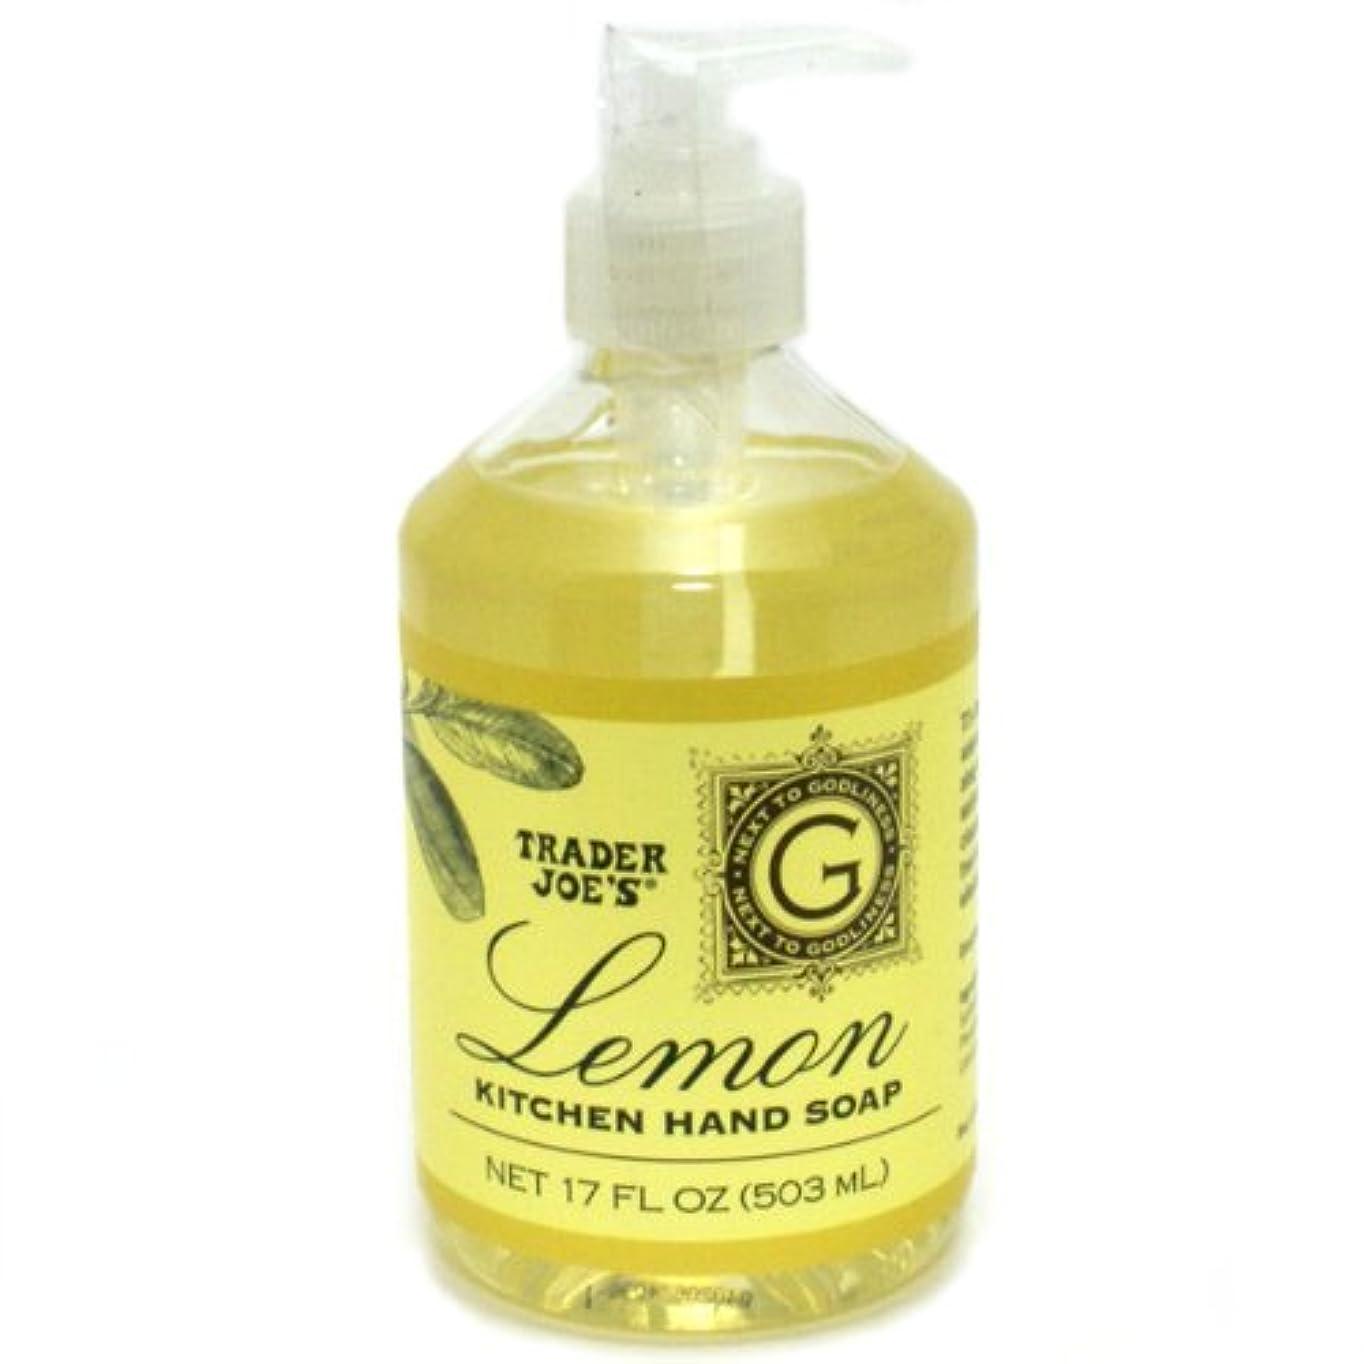 踏みつけジェスチャー店主Trader Joe's トレーダージョーズ KITCHEN HAND SOAP Lemon レモン キッチンハンドソープ [並行輸入品]